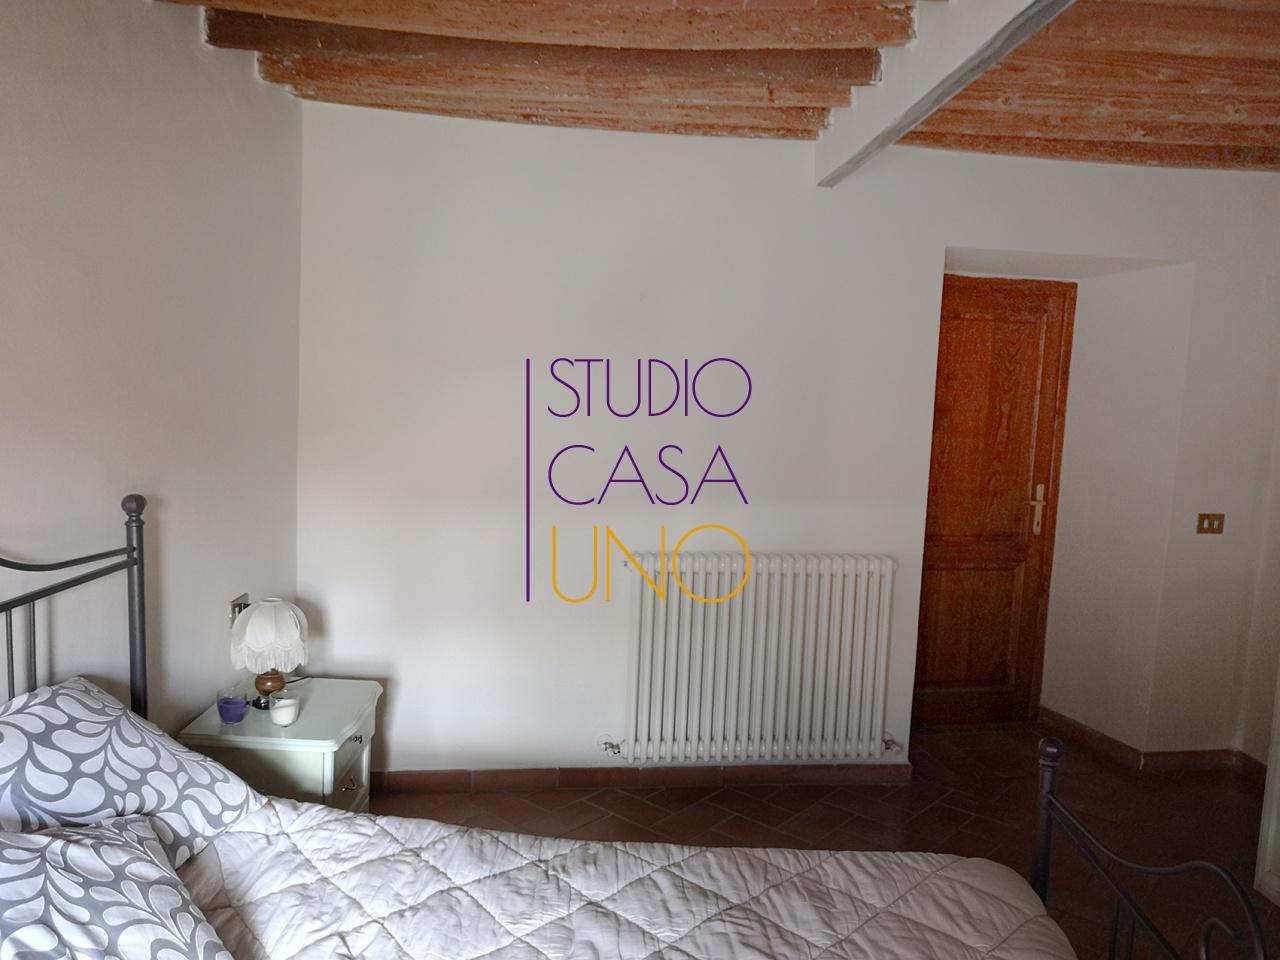 Appartamento indipendente bilocale in vendita a Terranuova Bracciolini (AR)